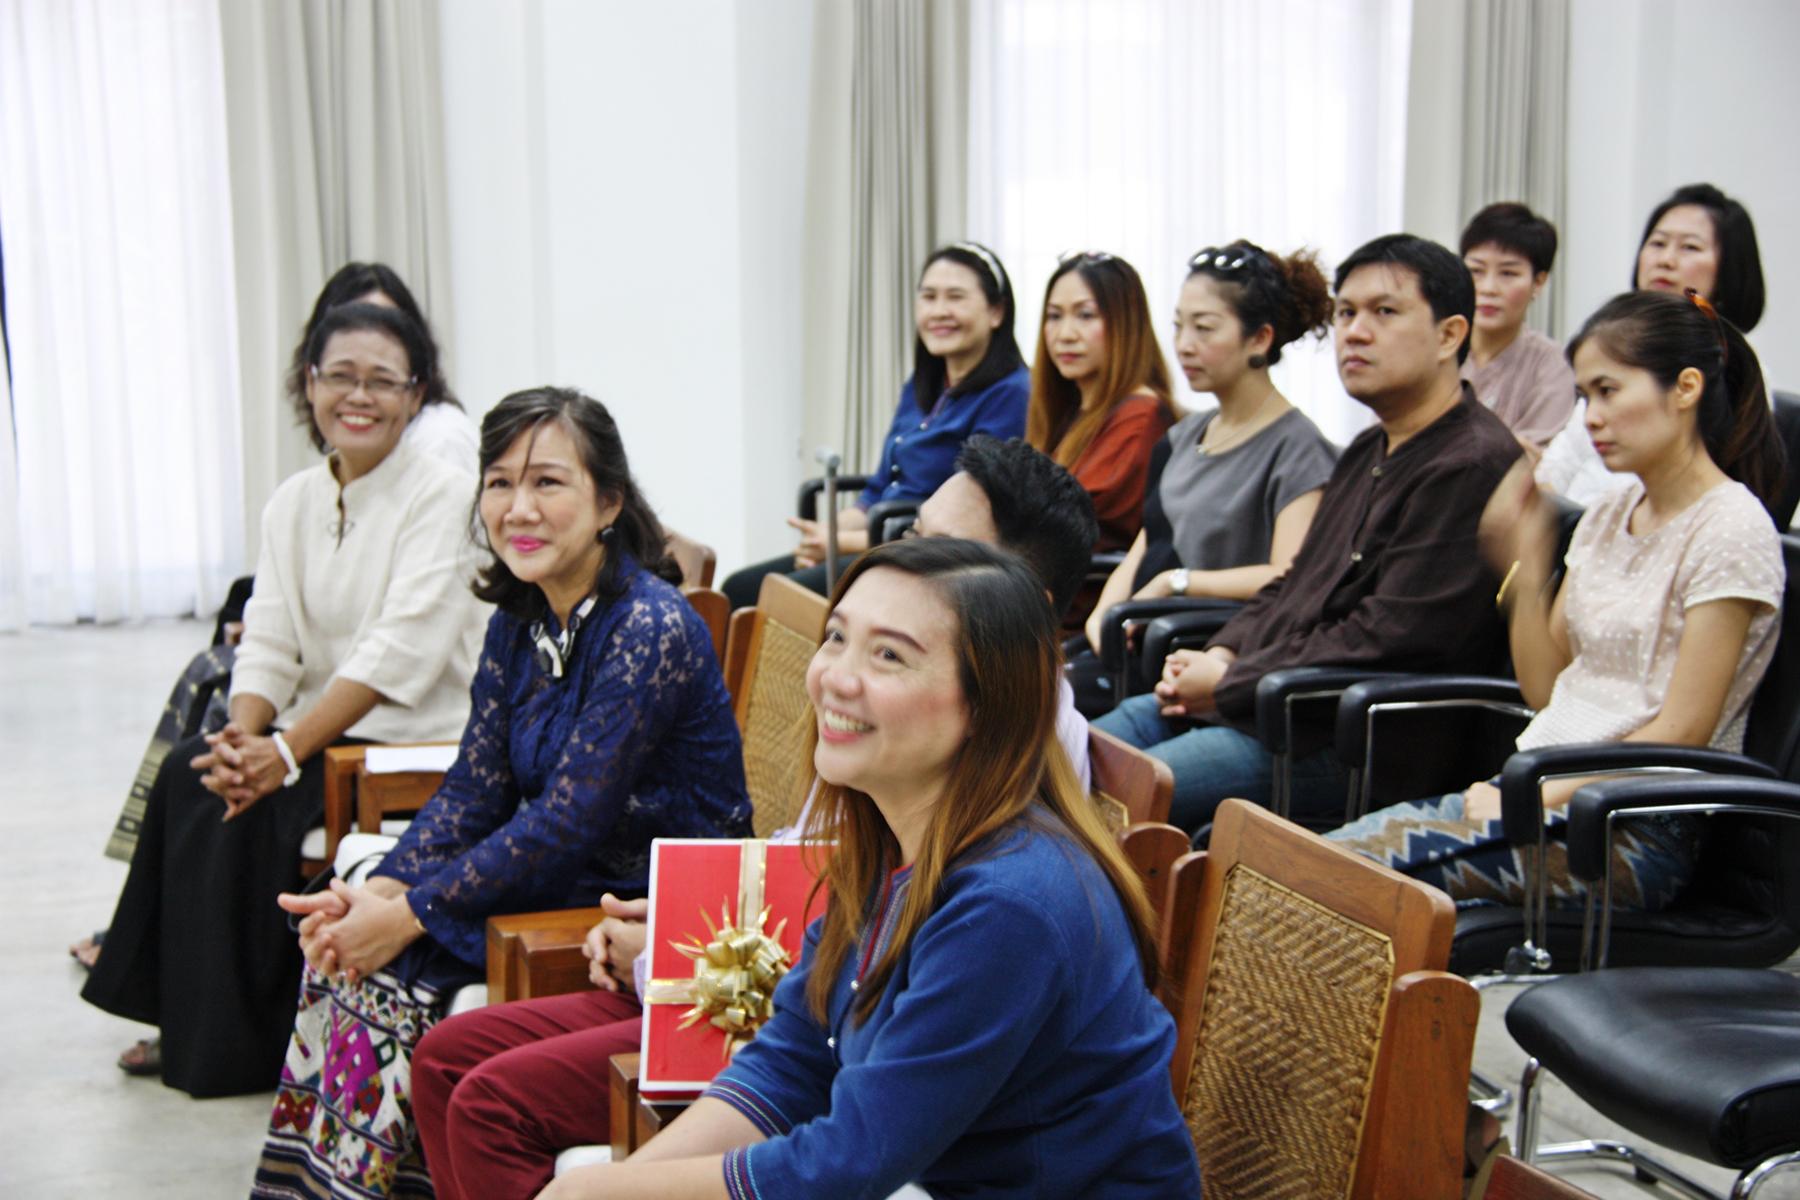 """งานมุทิตาจิตแก่ผู้เกษียณอายุราชการ ประจำปี 2560 """"นางรุจิรา คอทอง"""" เลขานุการสำนักส่งเสริมศิลปวัฒนธรรม มหาวิทยาลัยเชียงใหม่ ในวันพฤหัสบดีที่ 31 สิงหาคม 2560"""